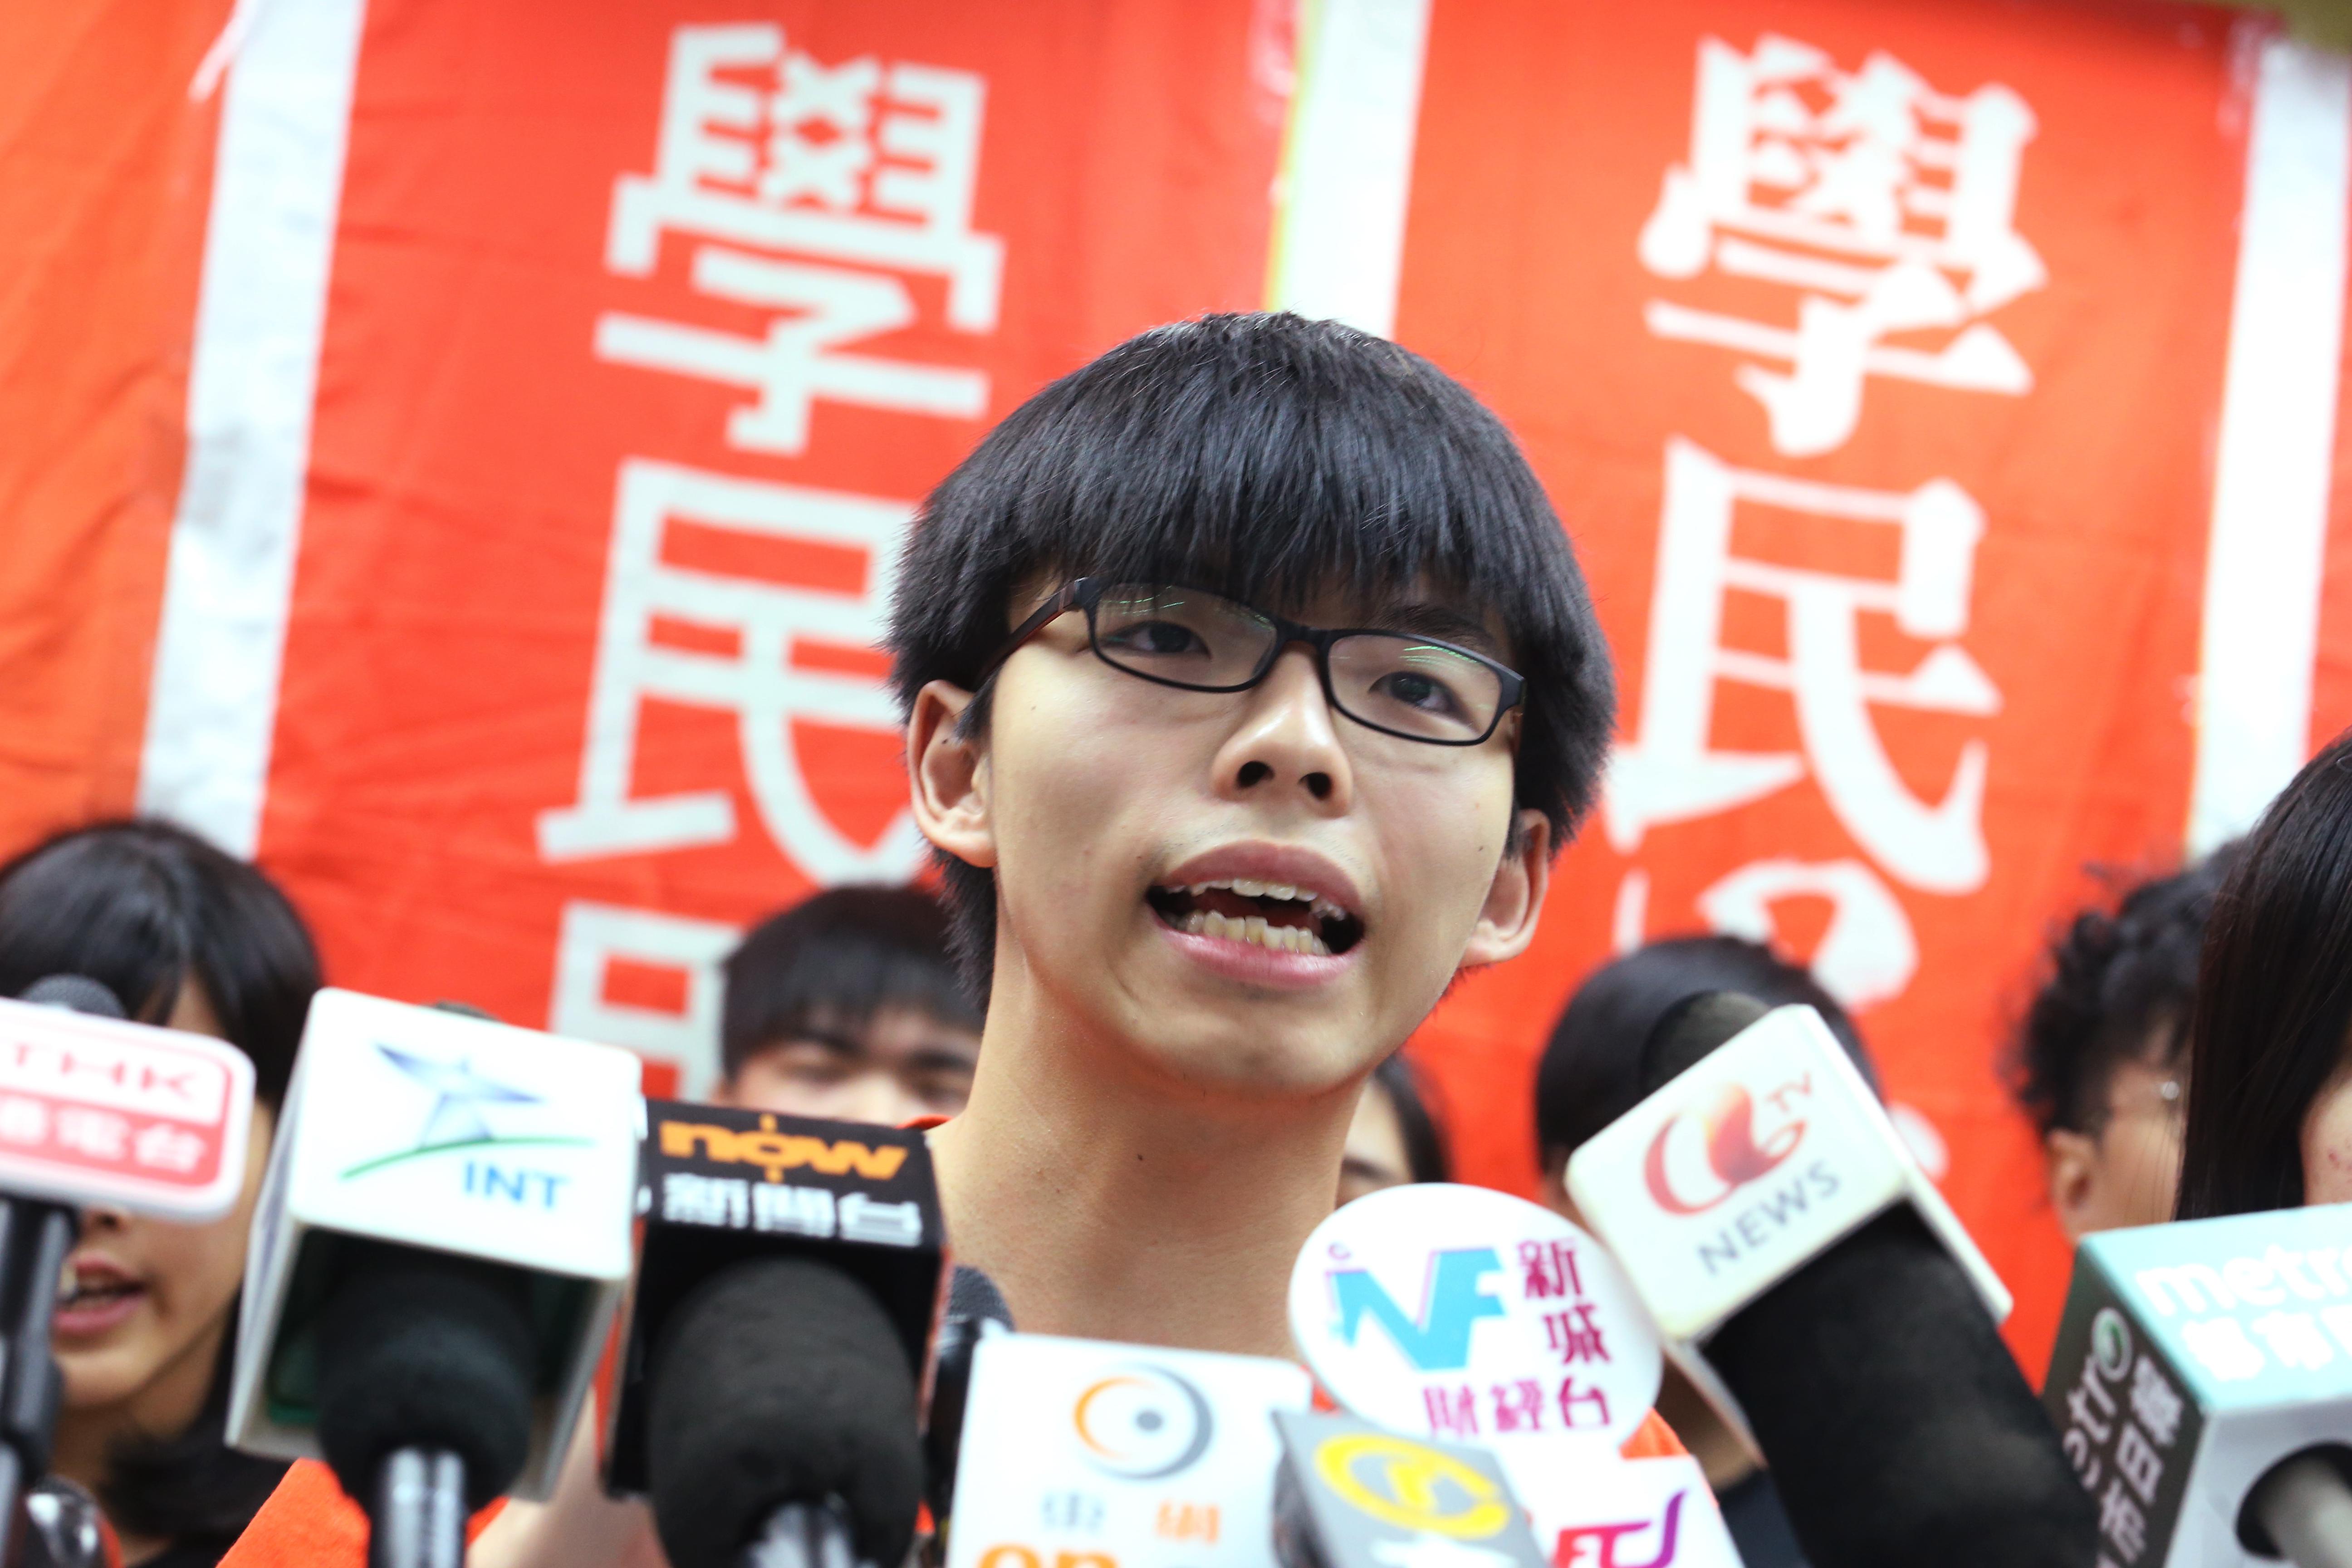 黃之鋒等香港學生領袖最初為反對國民教育科,成立學民思潮,之後演變成香港眾志。